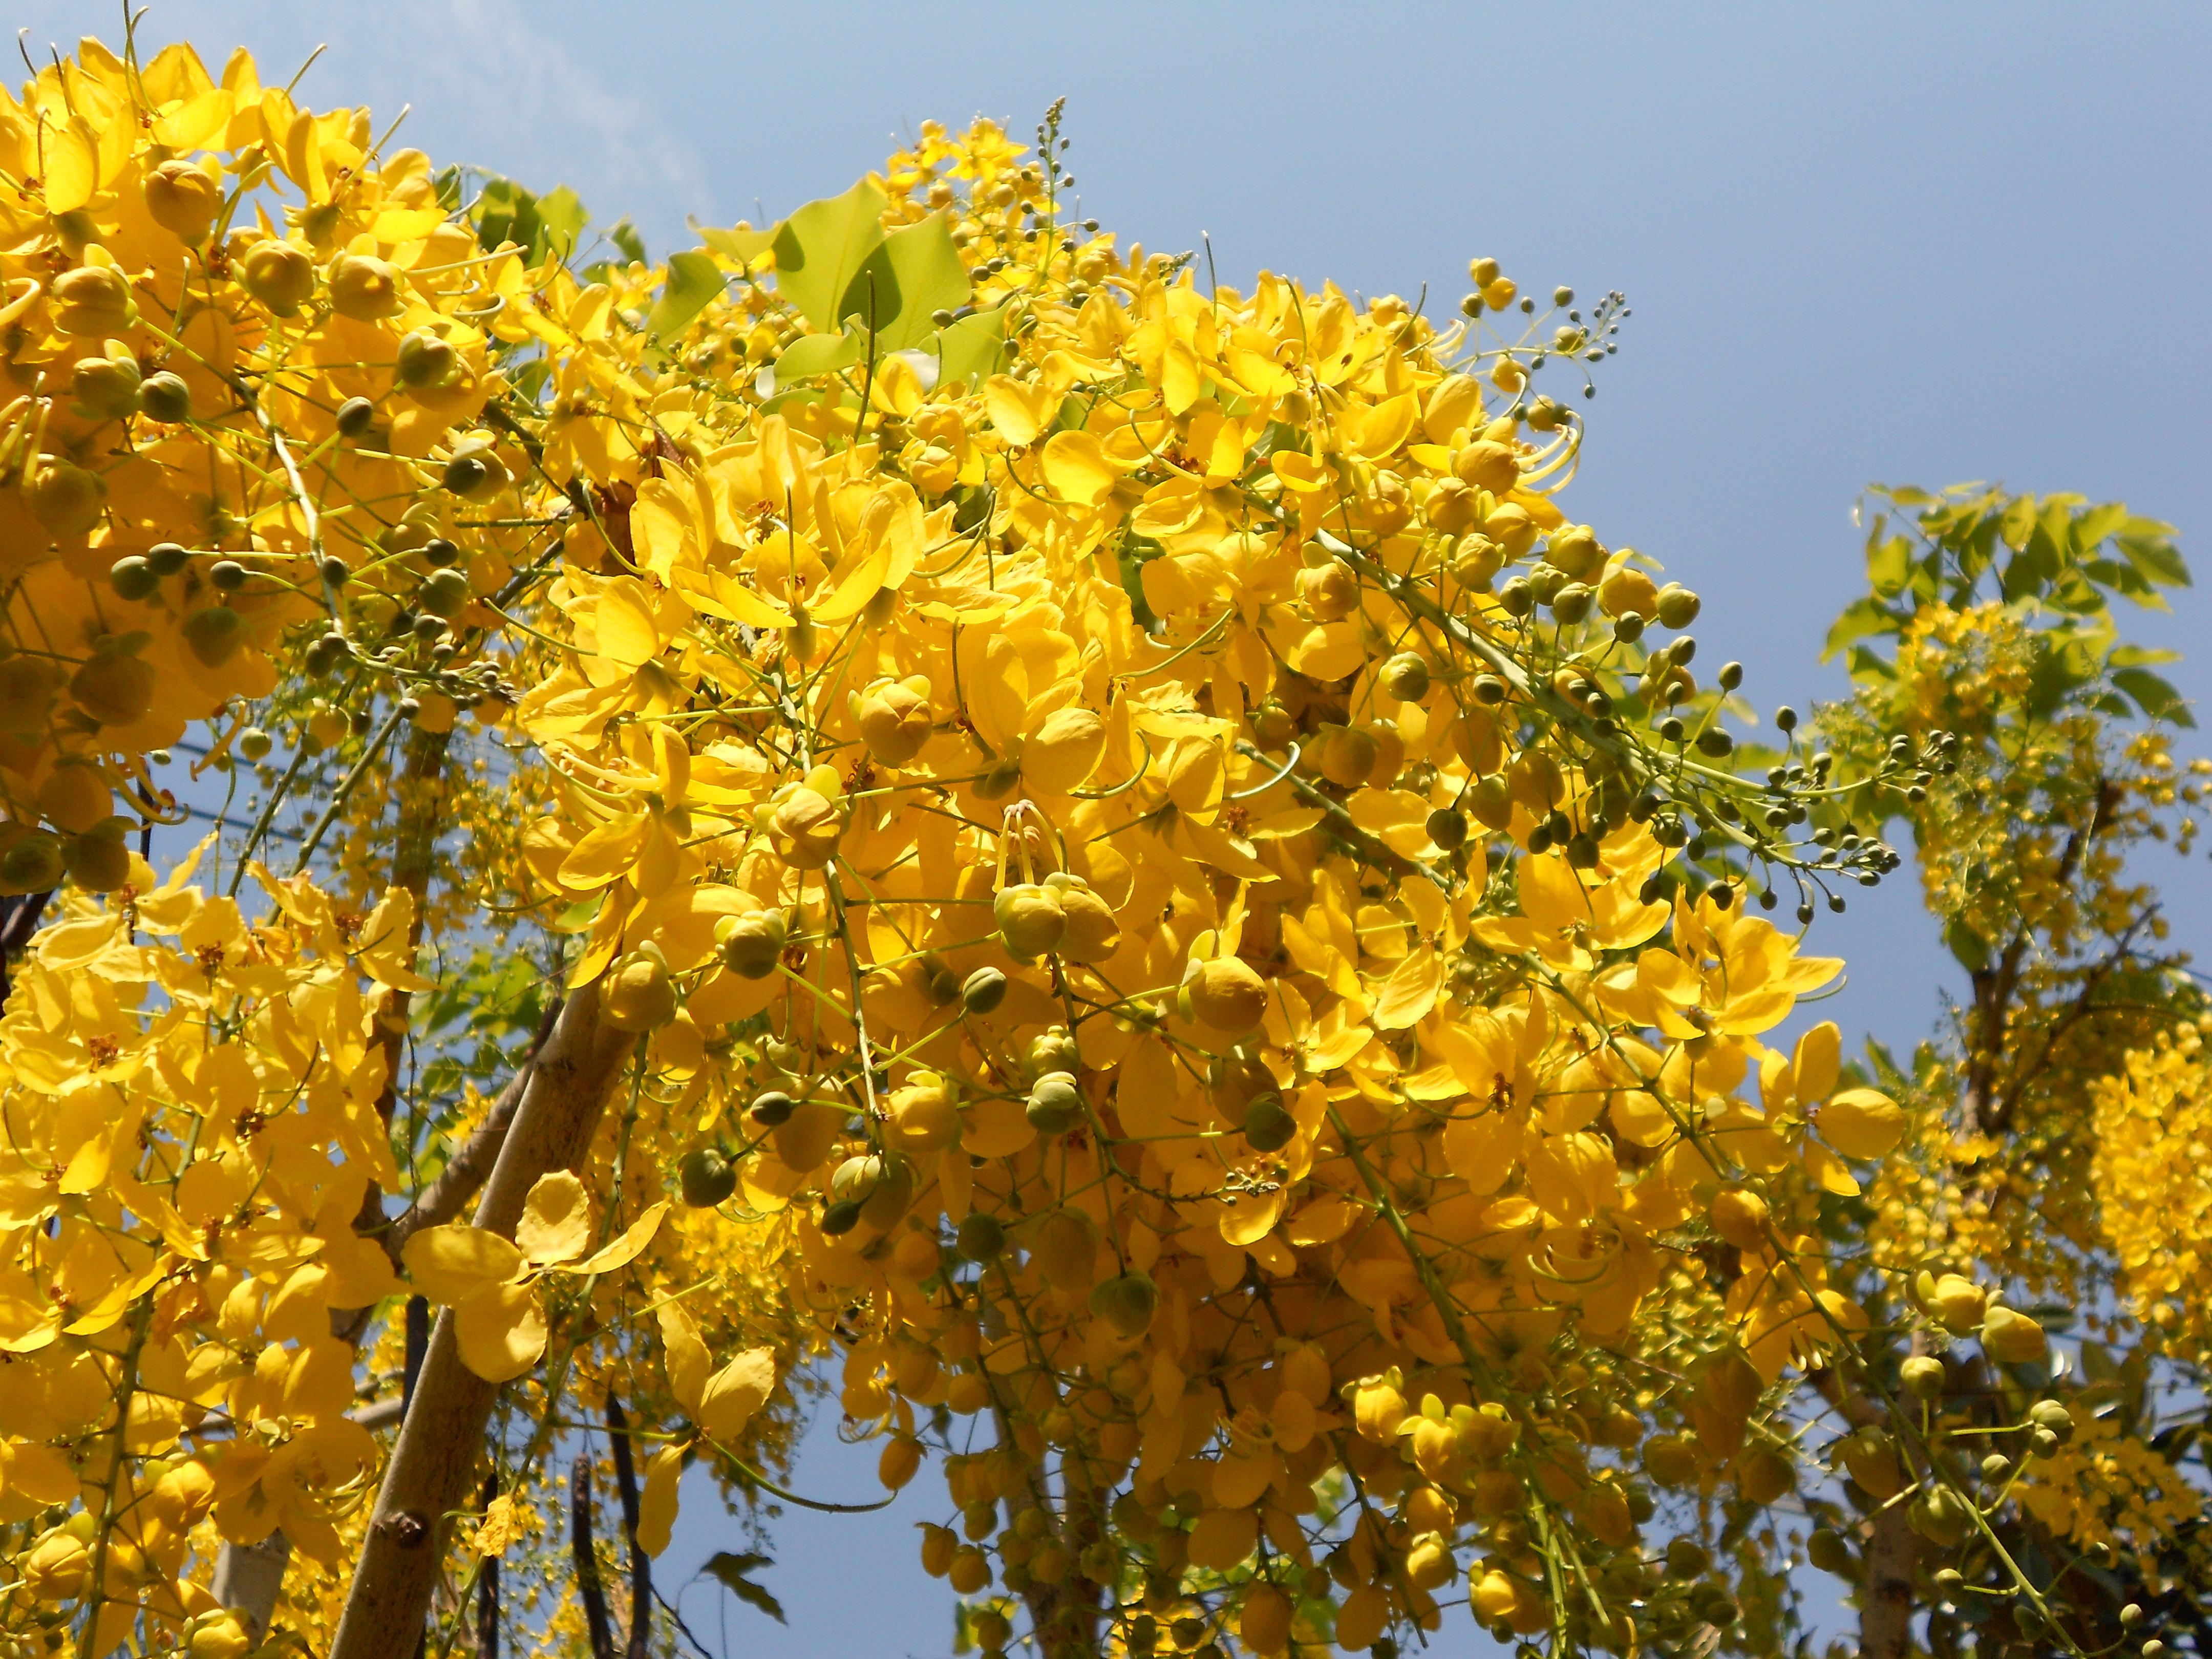 Árbol lluvia de oro (Cassia fistula) - Parques Alegres